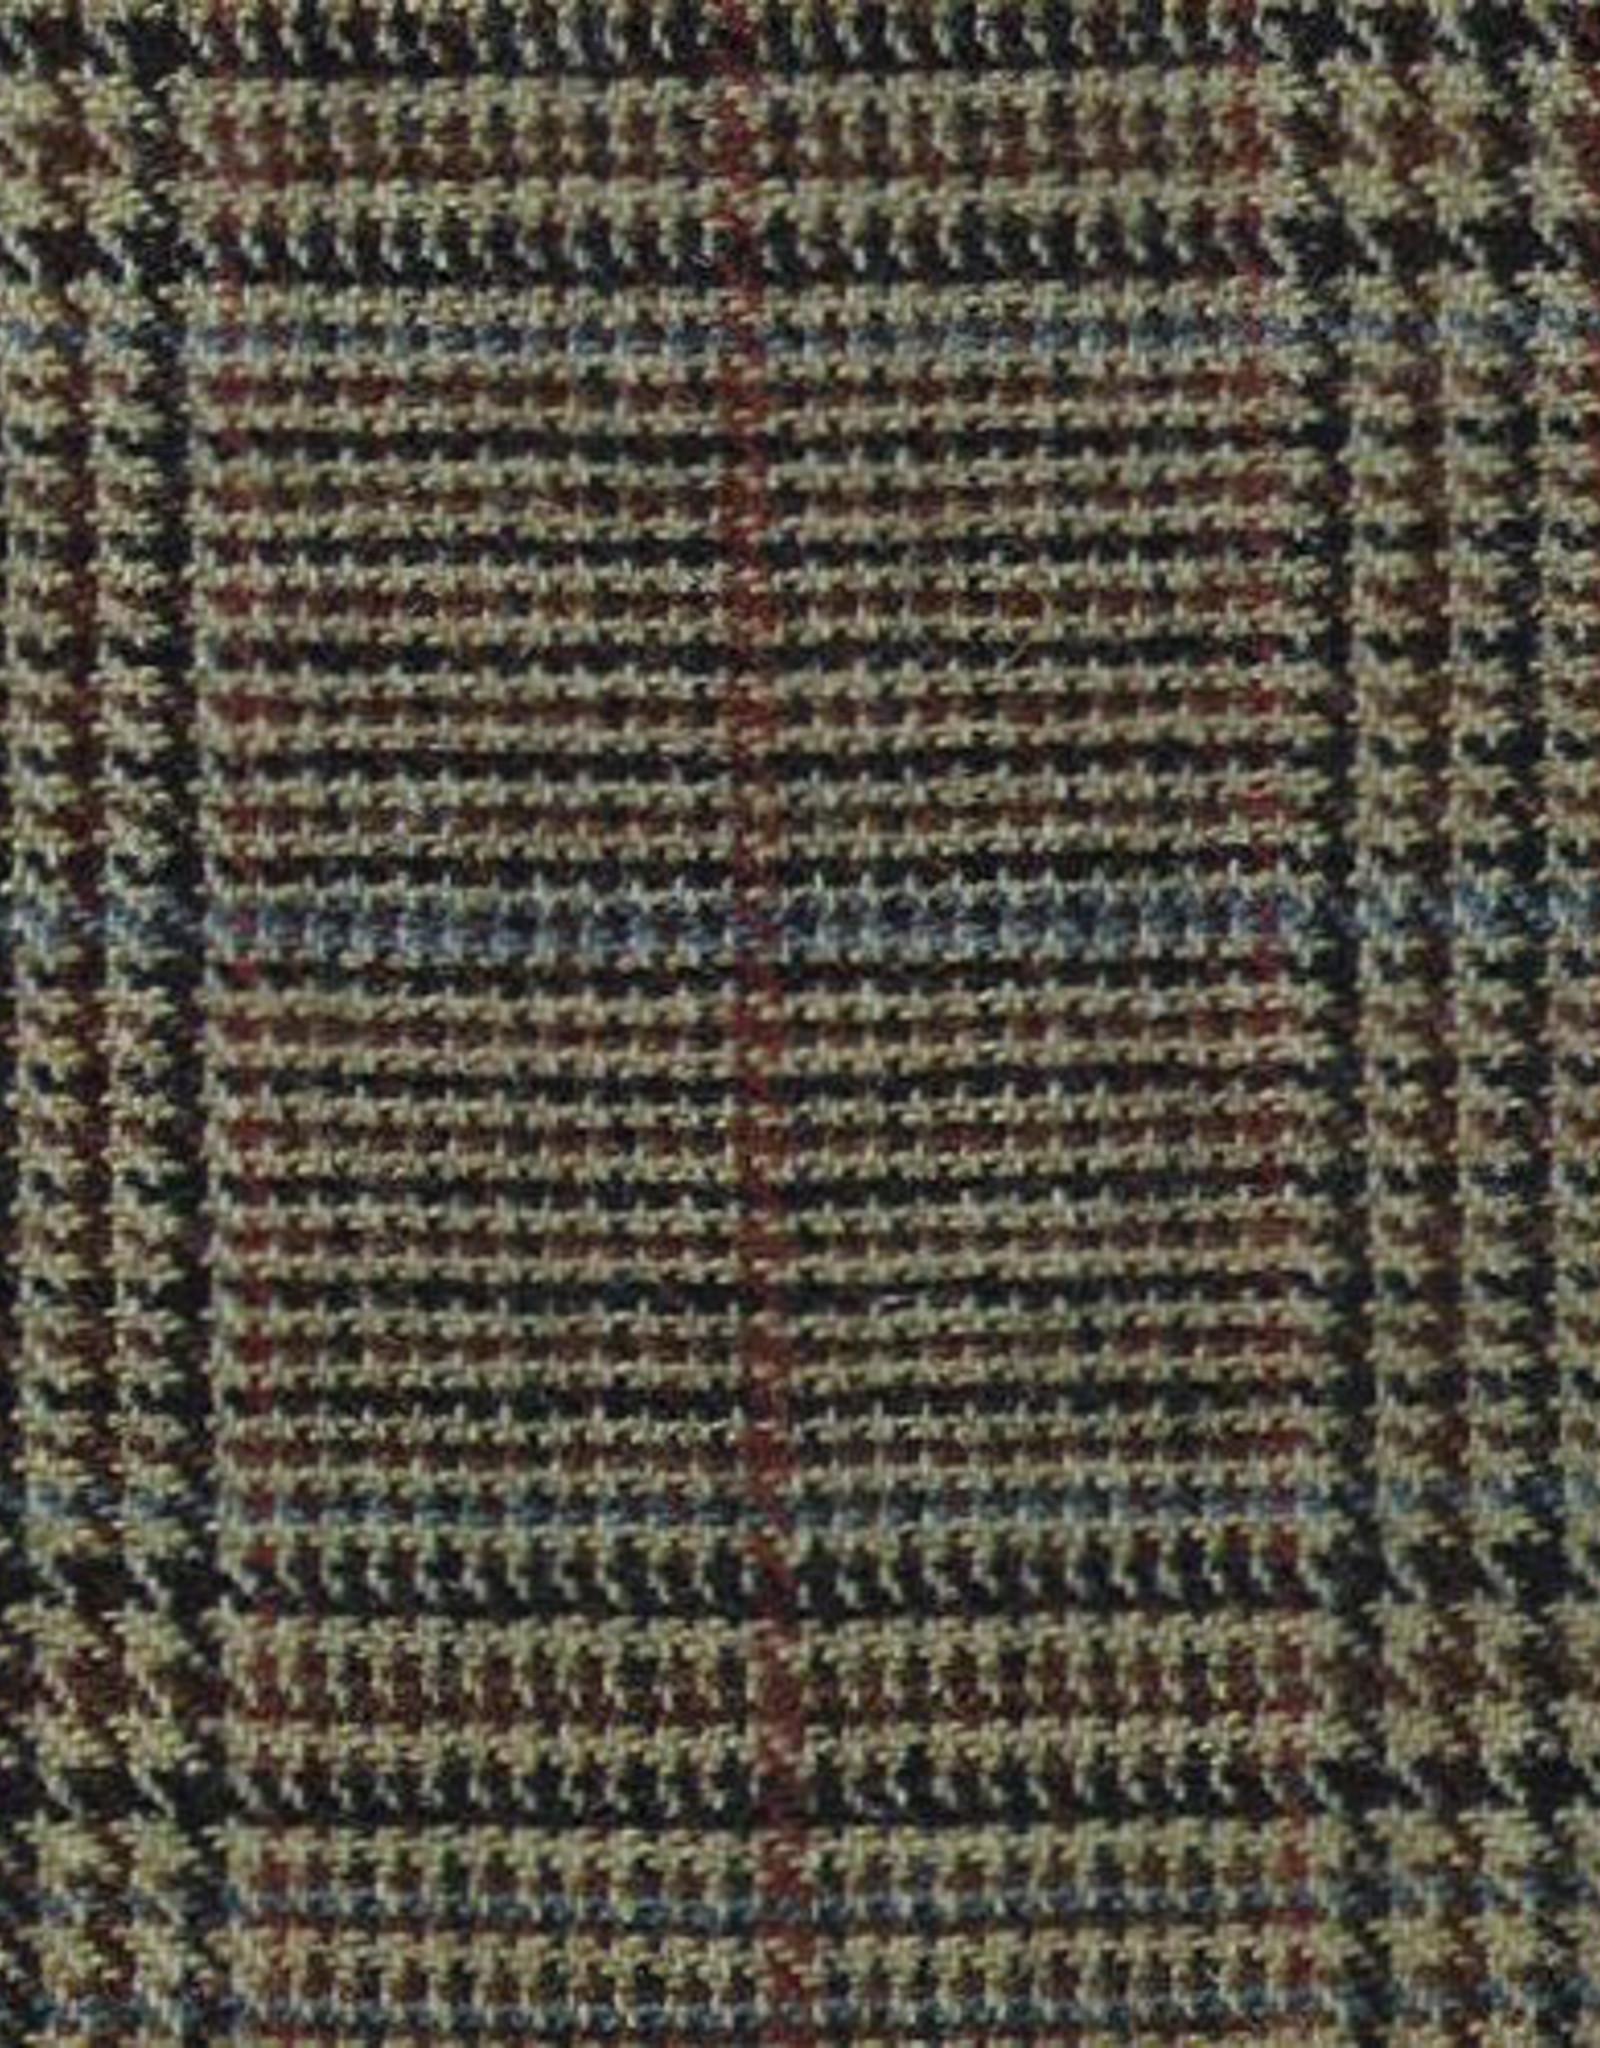 Meemoza Jupe Daisy AH2021 Meemoza Prince de Galles Multicolore